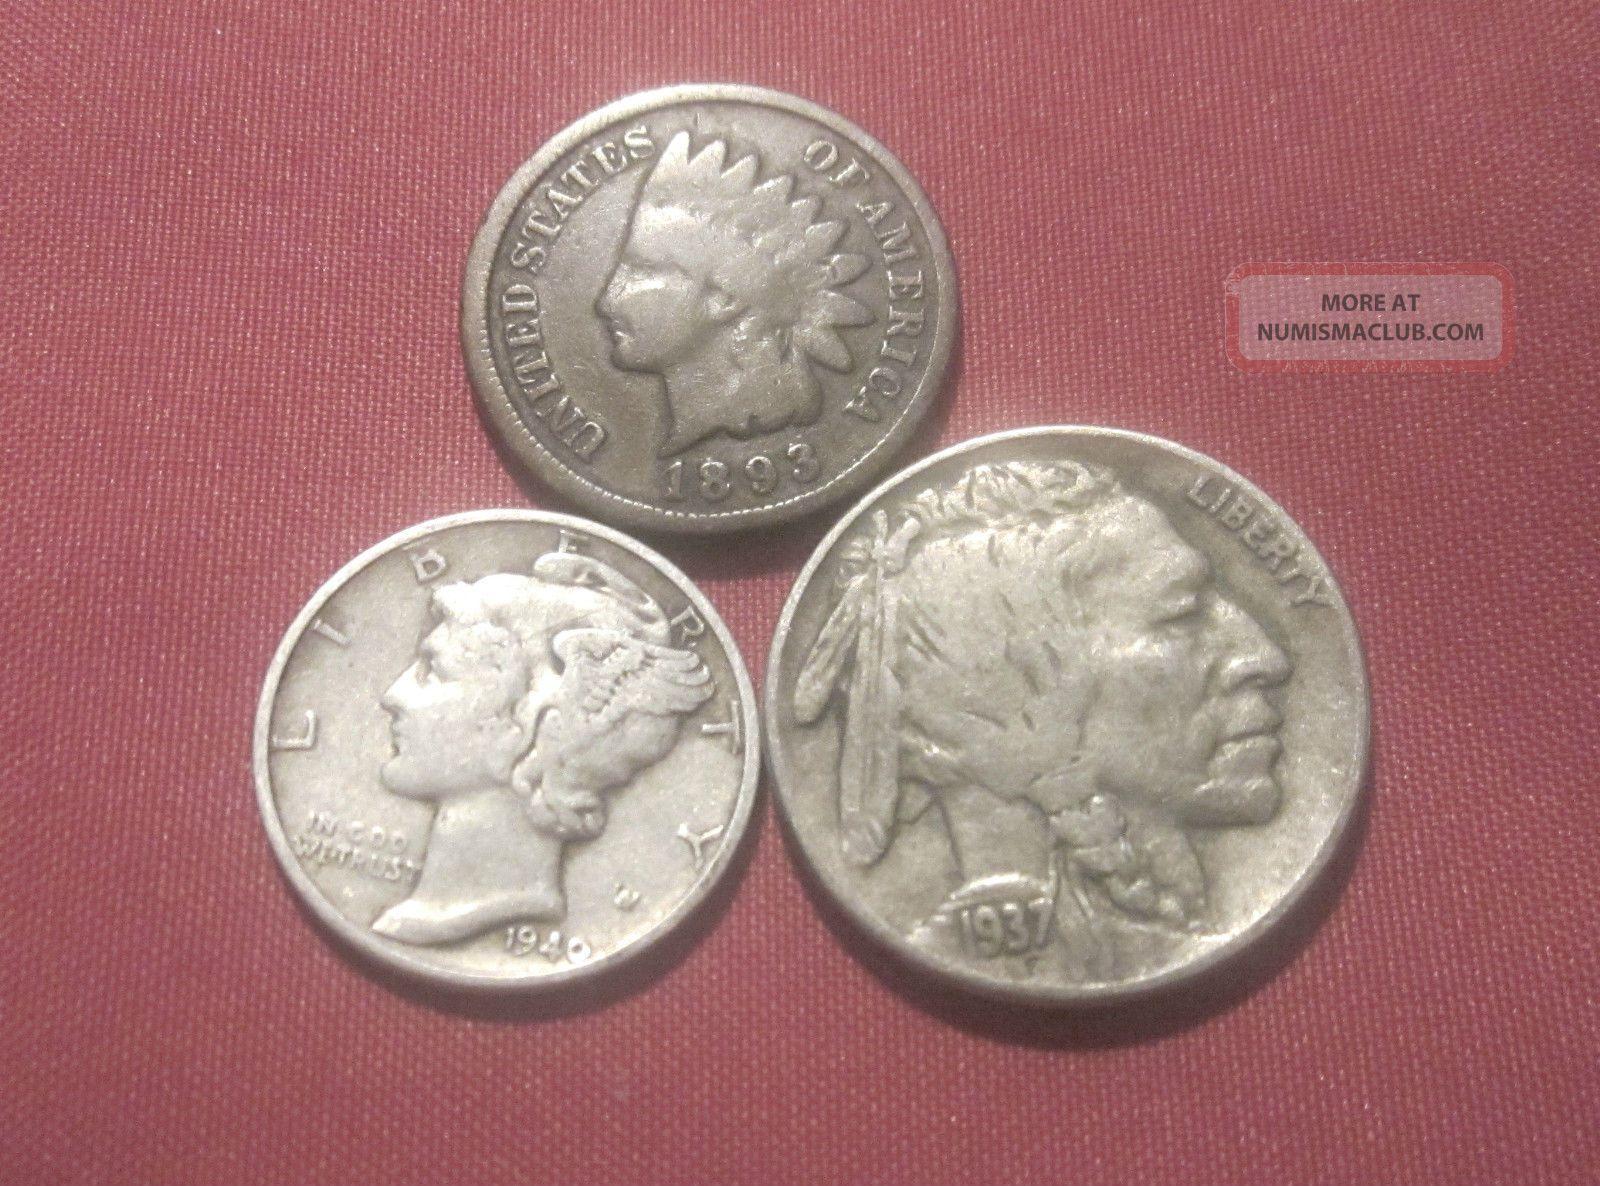 1893 Indian Cent G 1937 D Buffalo Nickel Au 1940 90 Silver Mercury Dime Vf